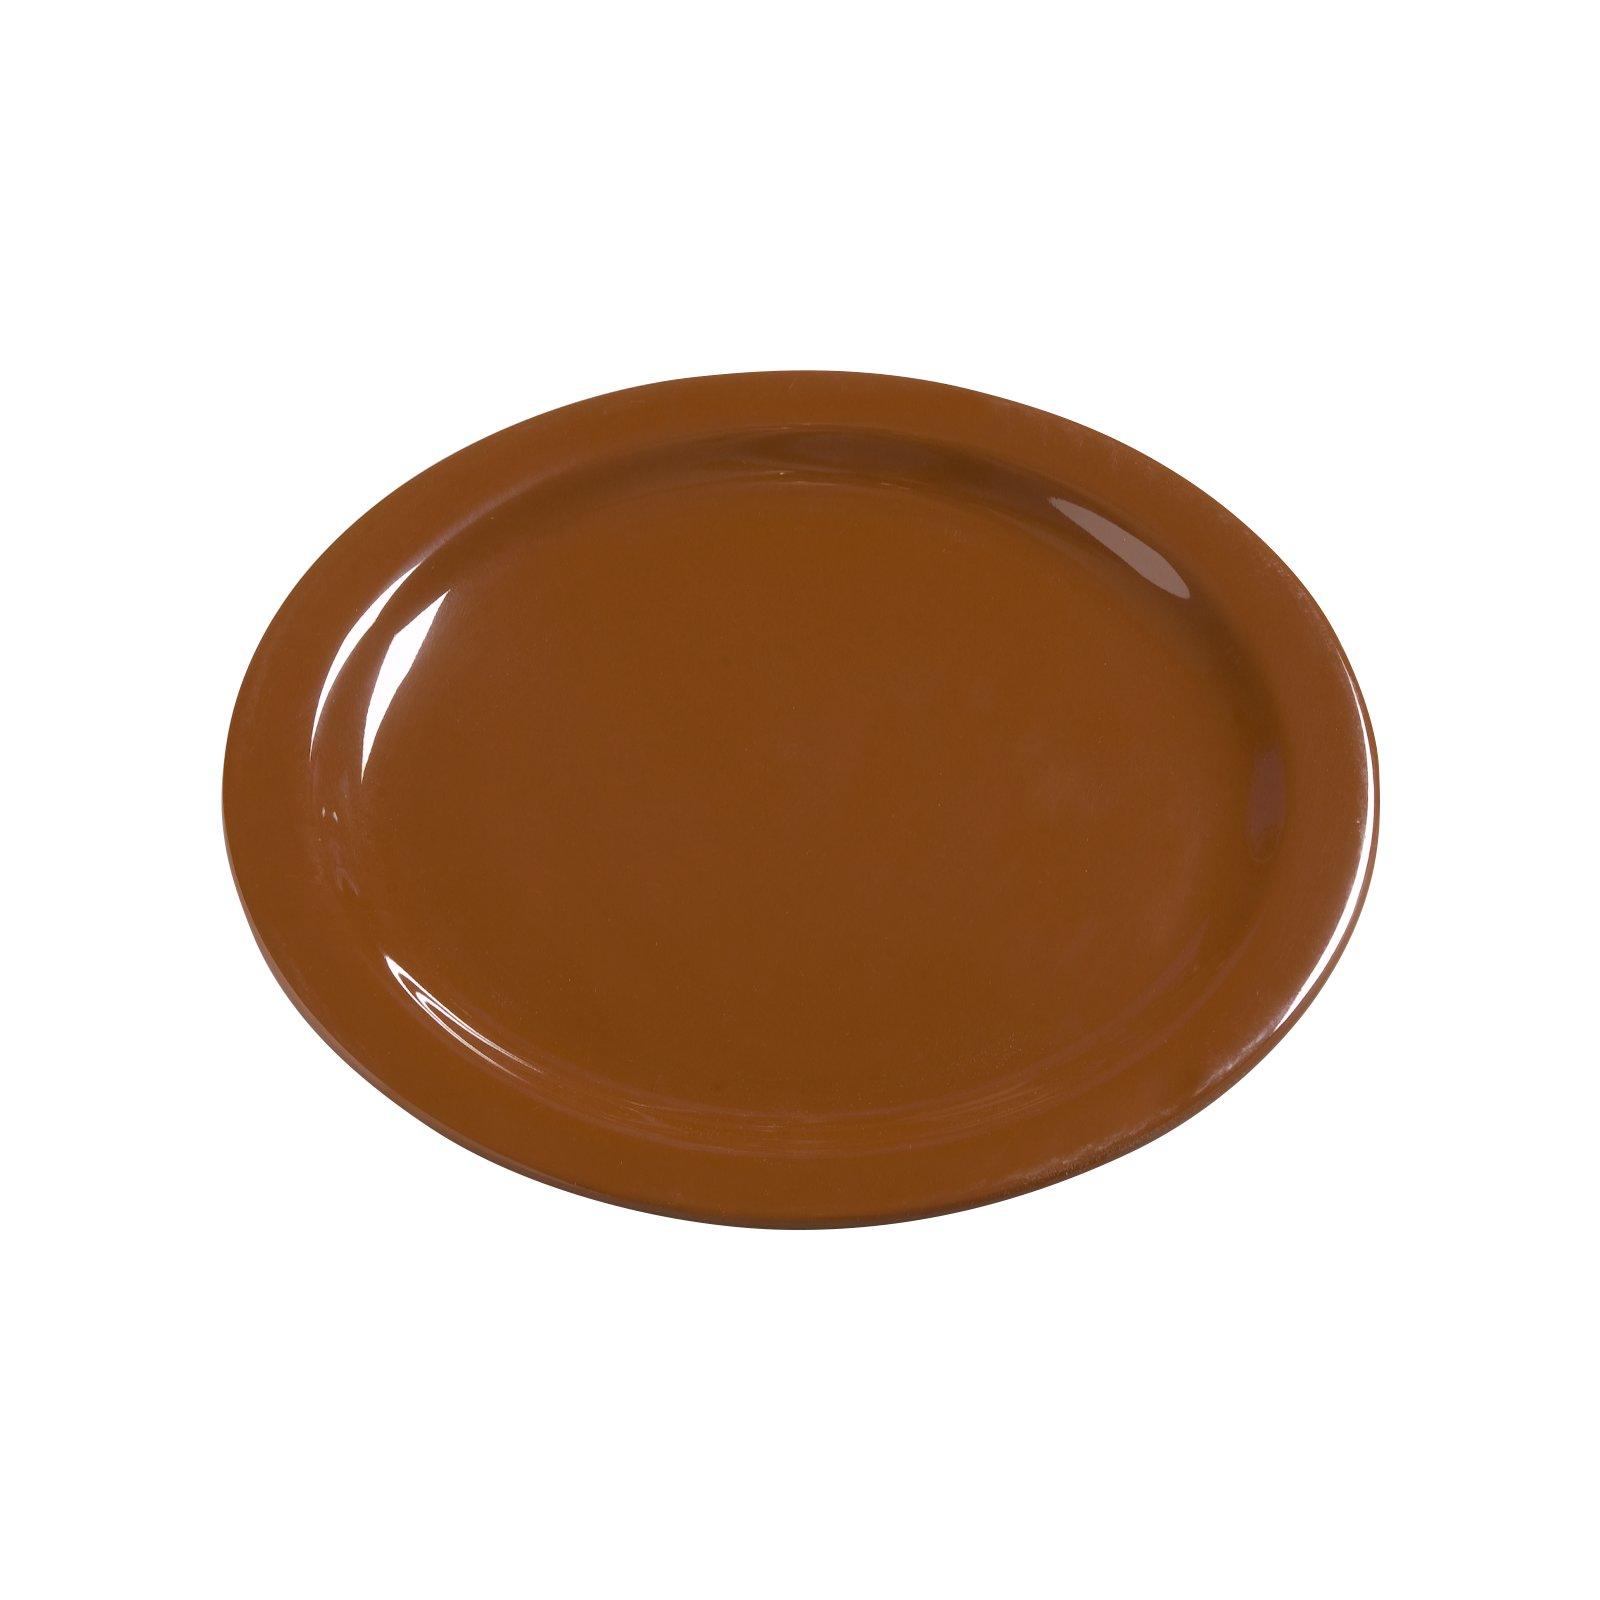 4385043 - Dayton™ Melamine Dinner Plate 10 25